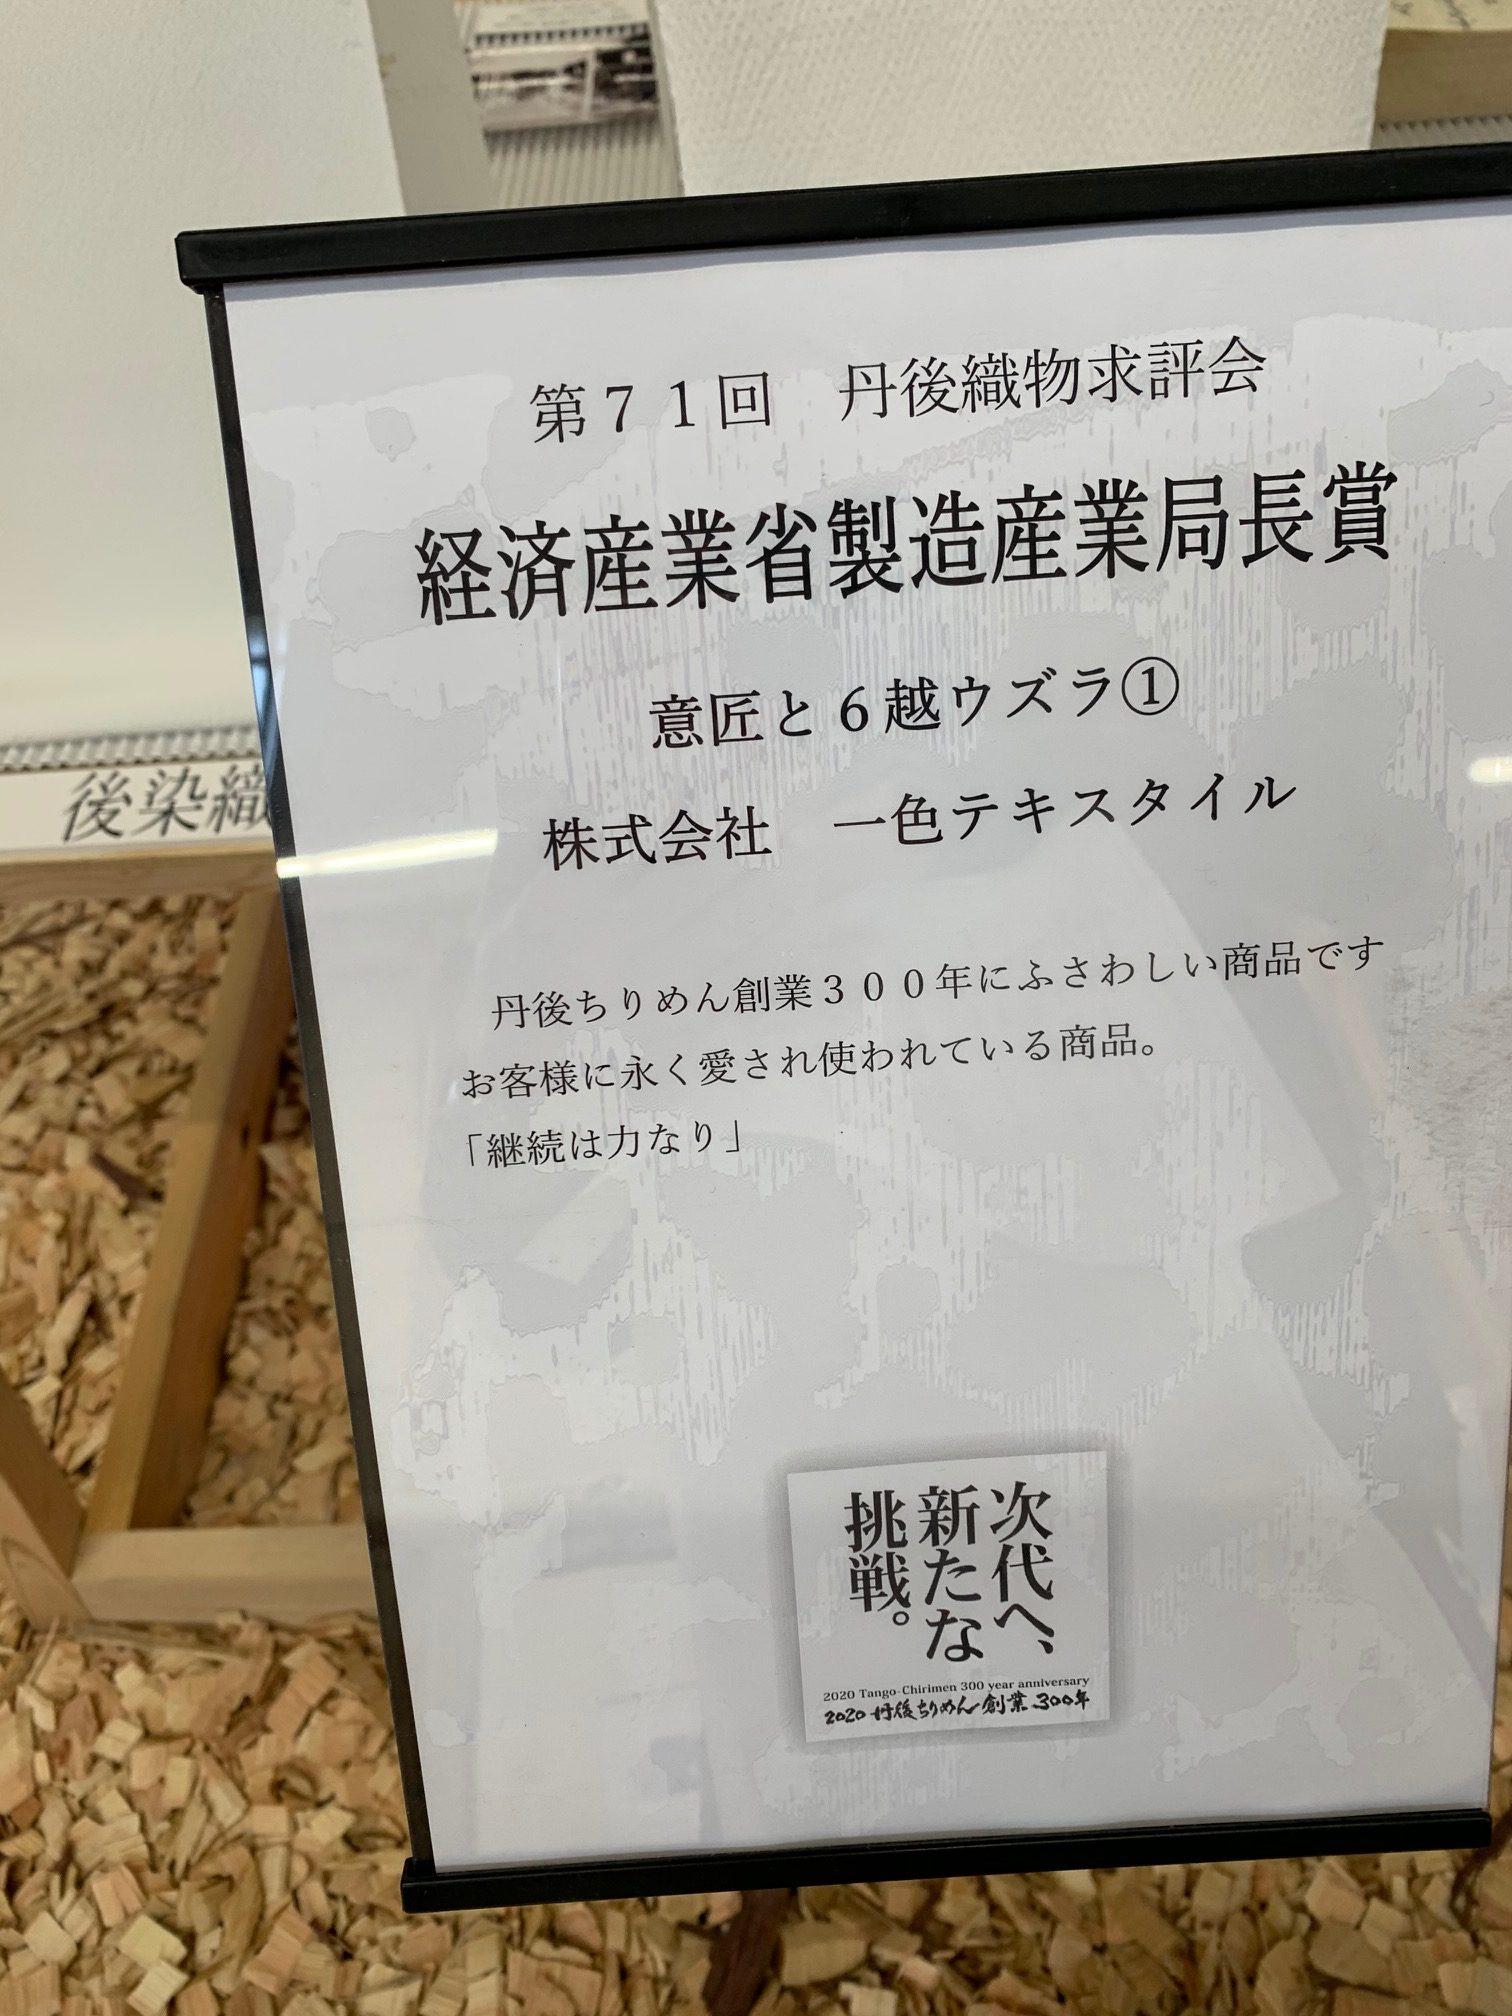 経済産業省製造局長賞